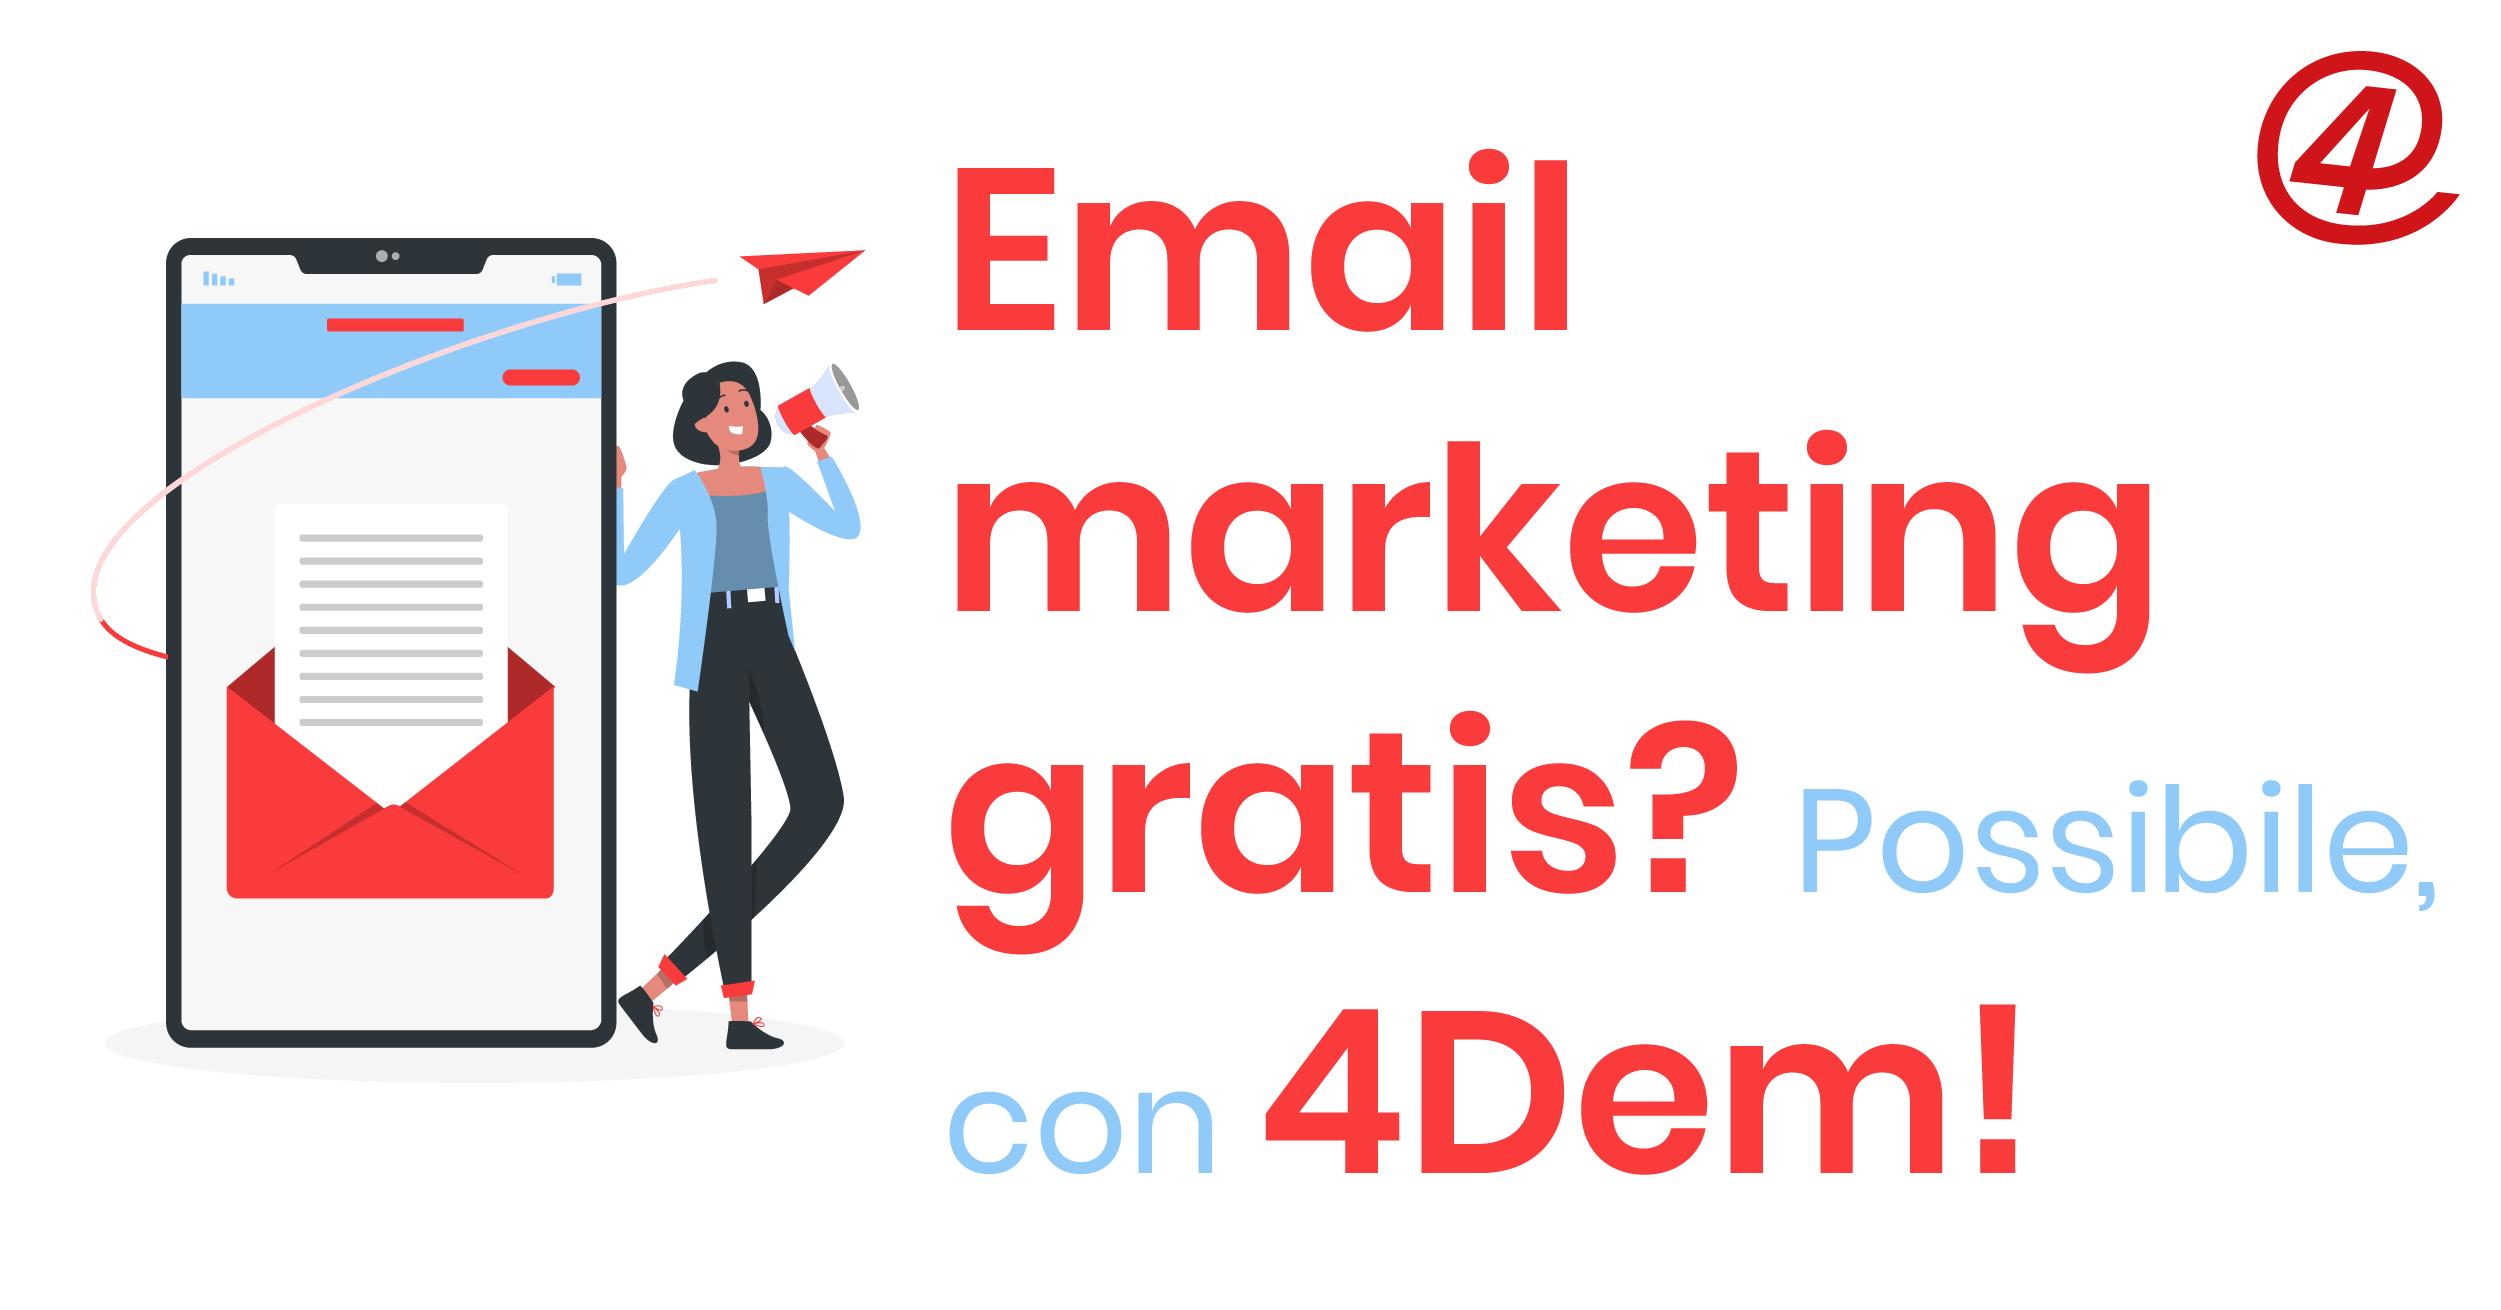 email-marketing-gratis-4dem